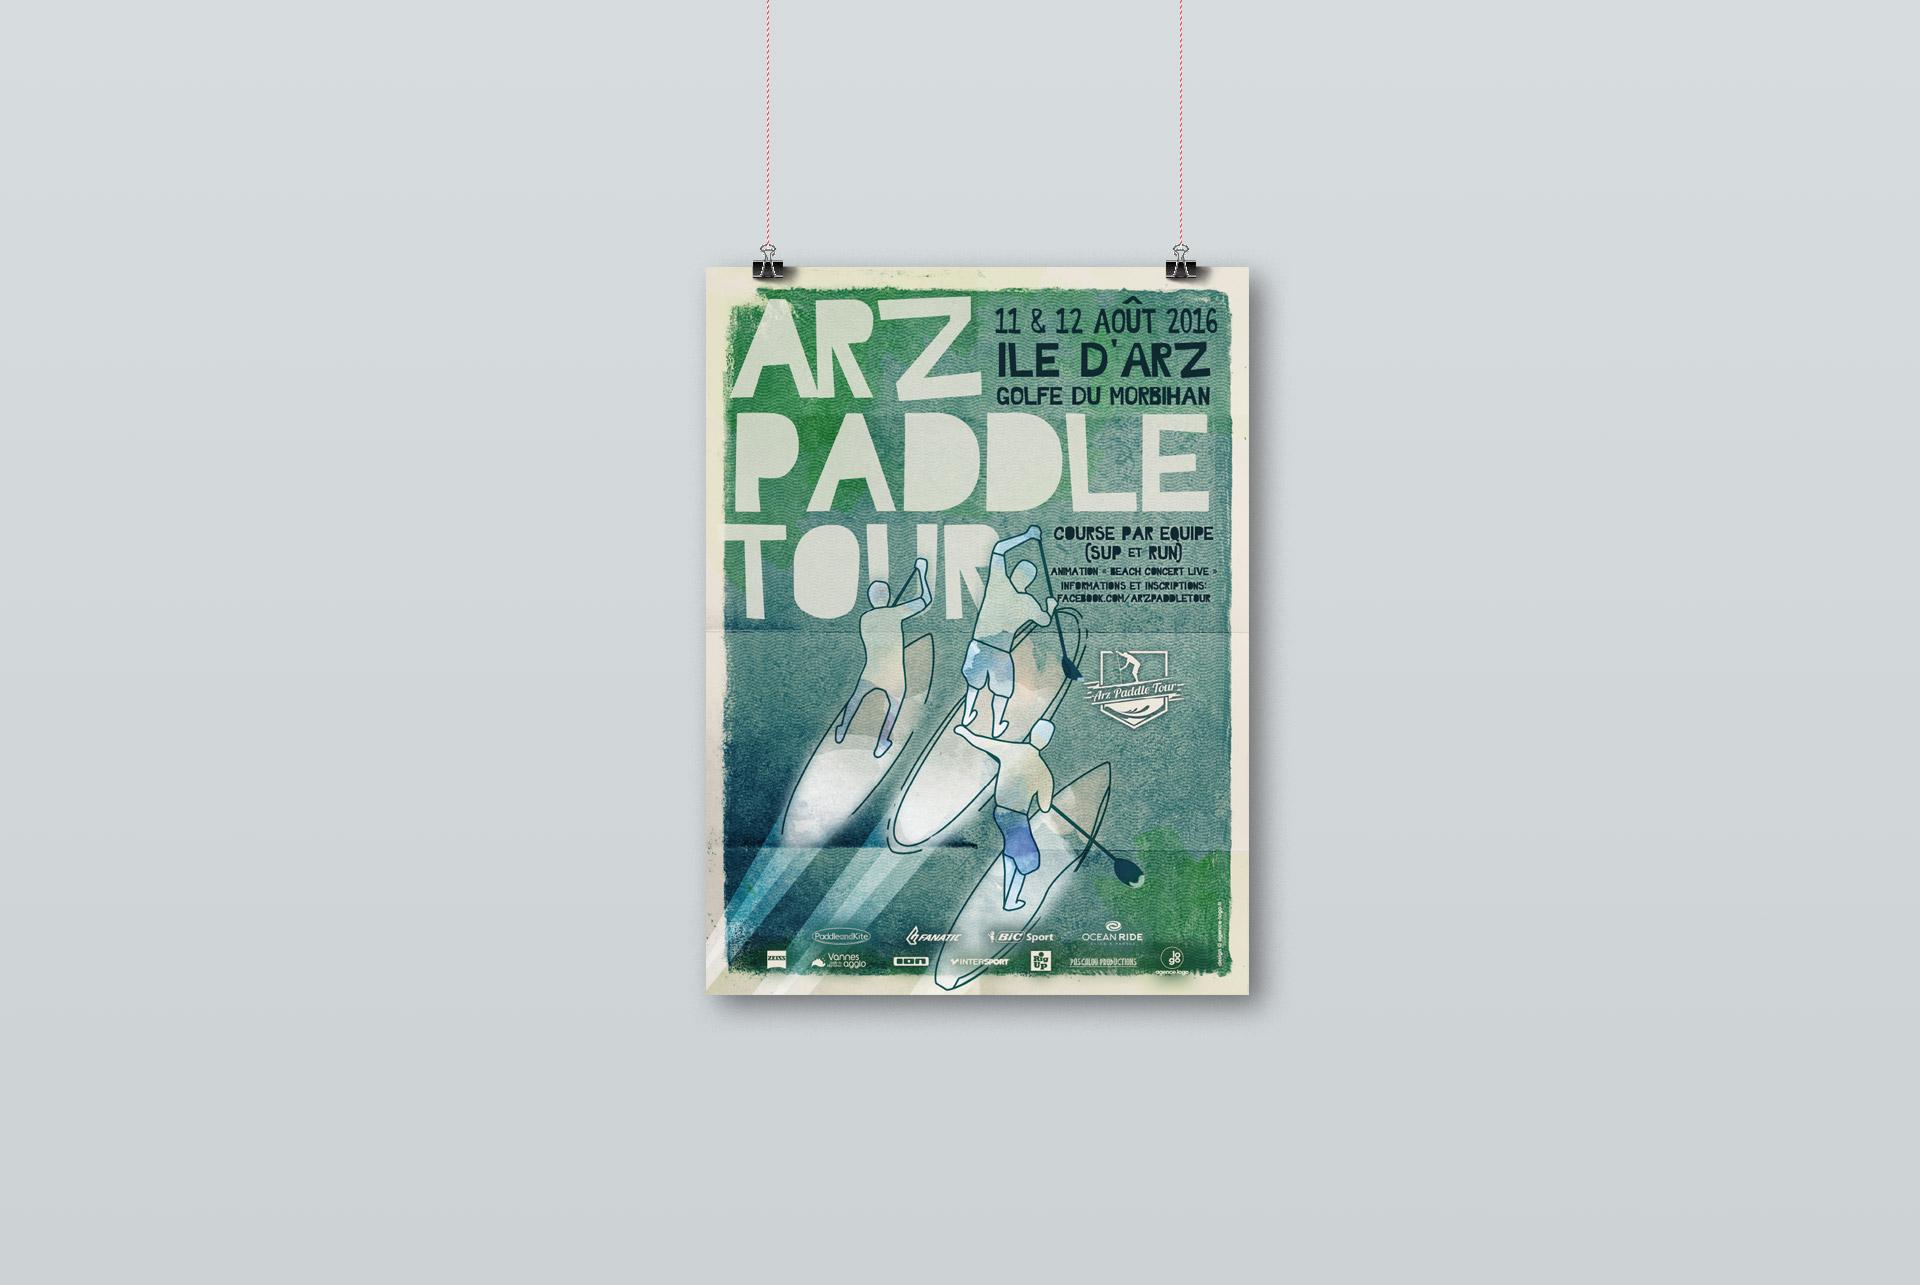 Affiche 2016 - Arz Paddle Tour